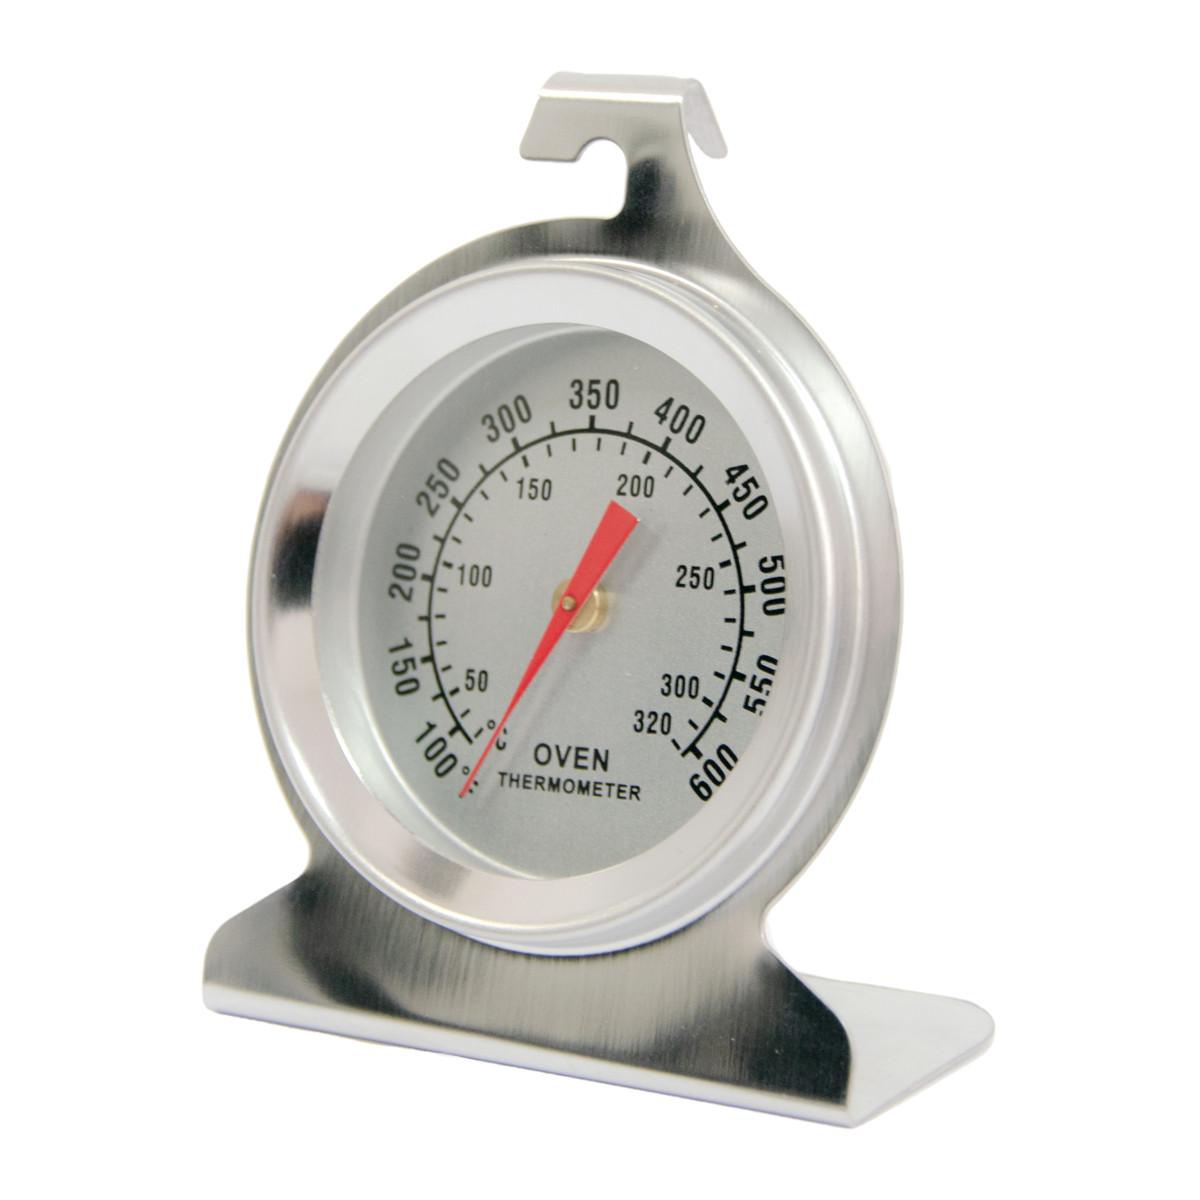 Градусник для духової шафи сріблястий, внутрішній термометр для електричної, газової духовки, печі